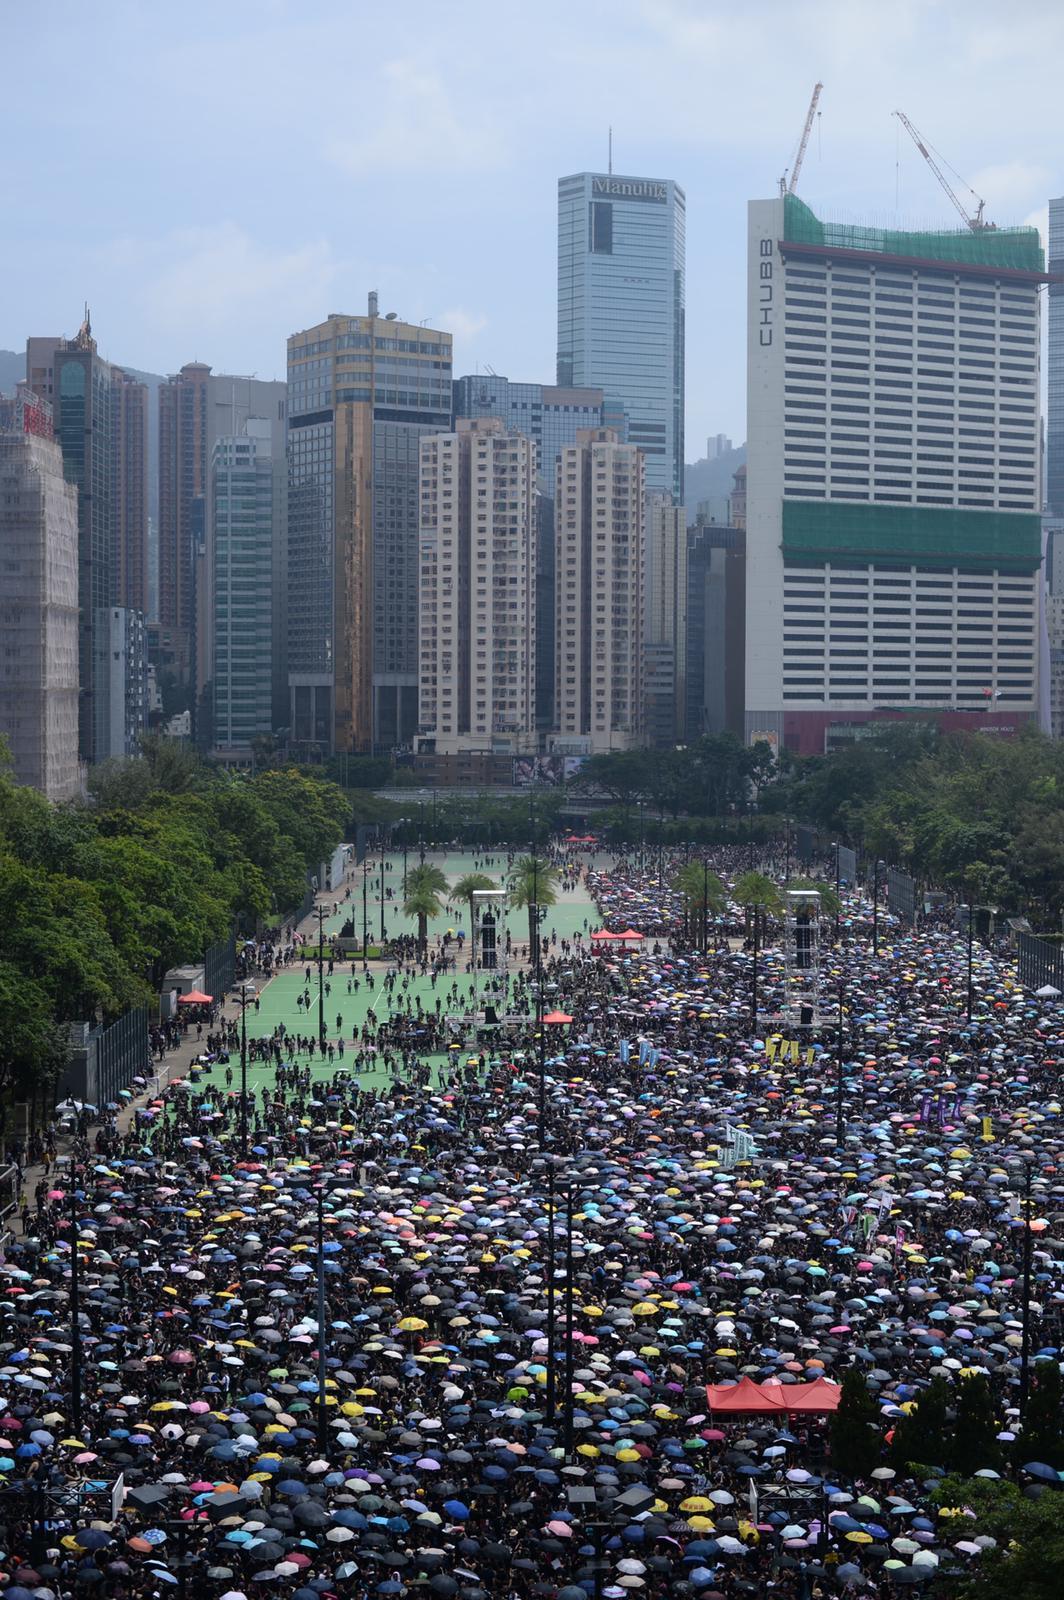 參與遊行的市民響應呼籲,穿上黑衣。